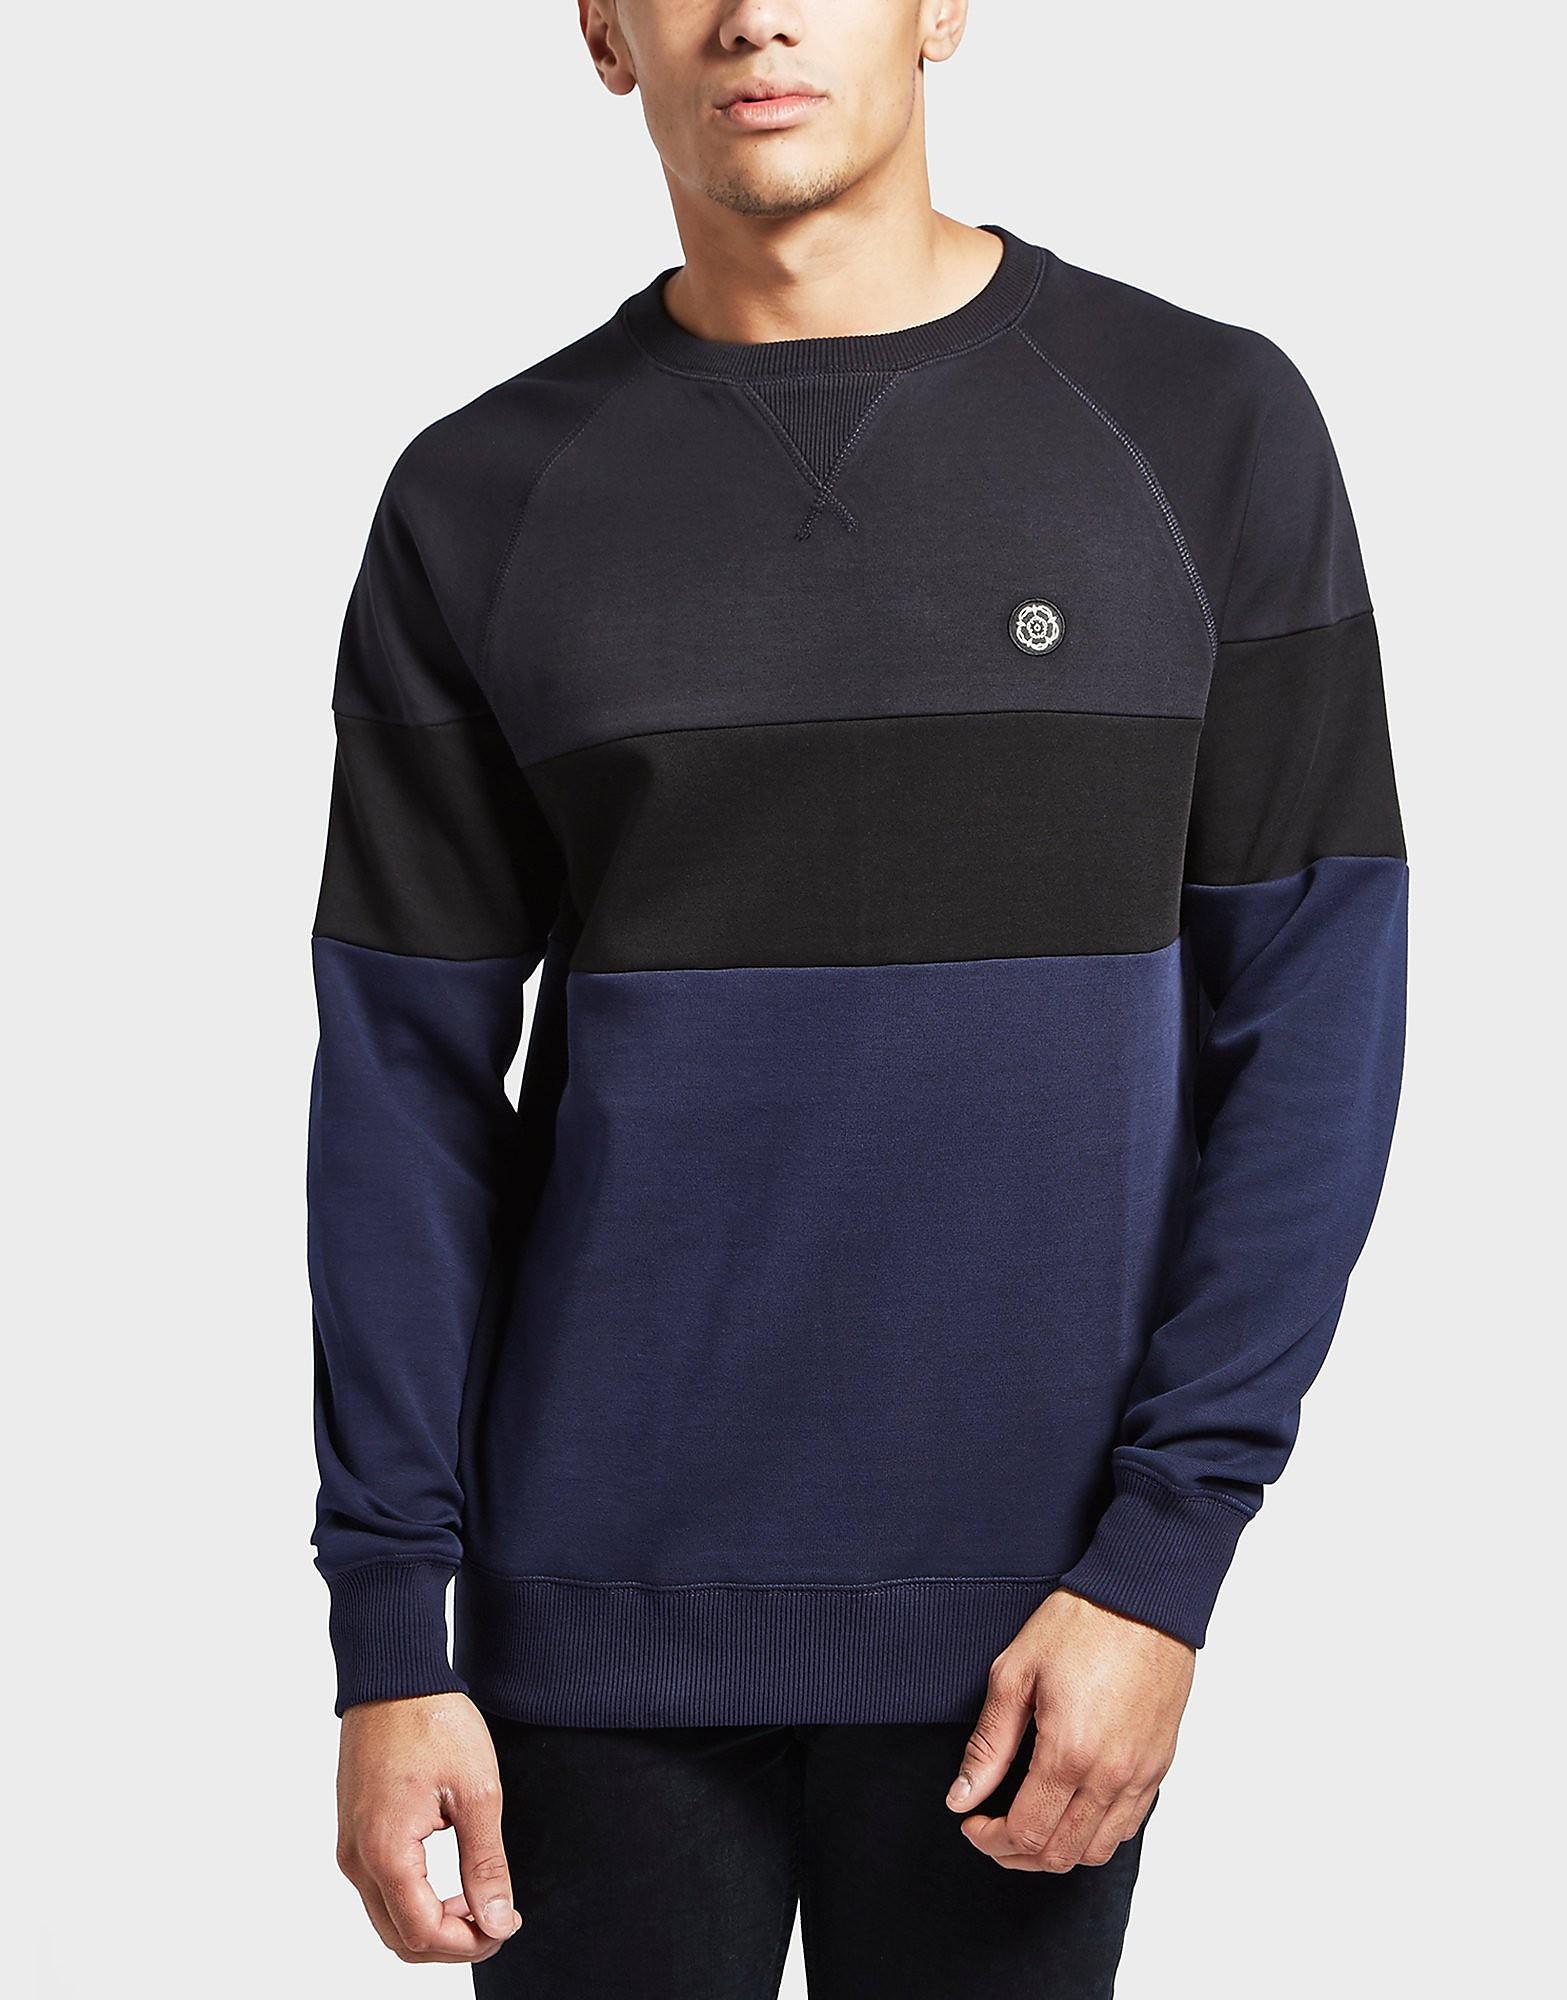 Nicholas Deakins Barnet Sweatshirt